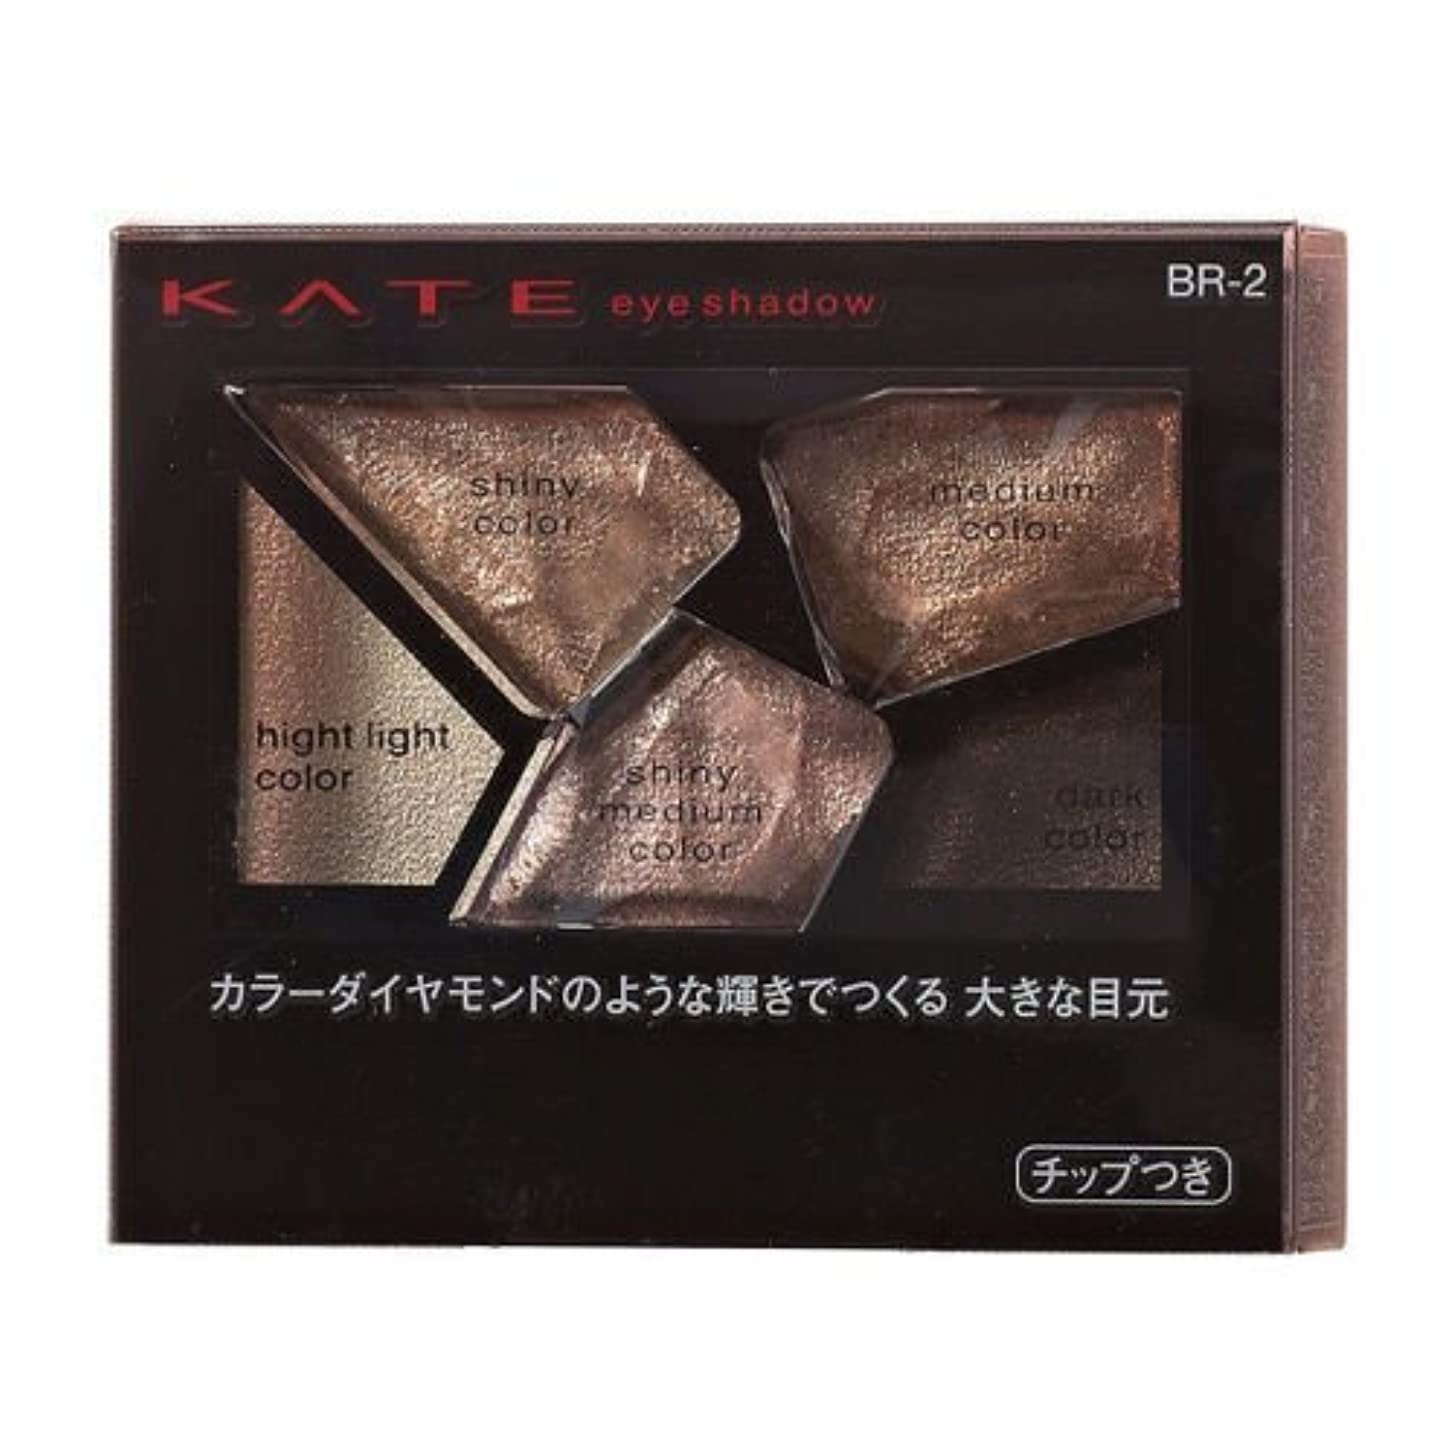 協同宇宙飛行士地理【カネボウ】ケイト カラーシャスダイヤモンド #BR-2 2.8g